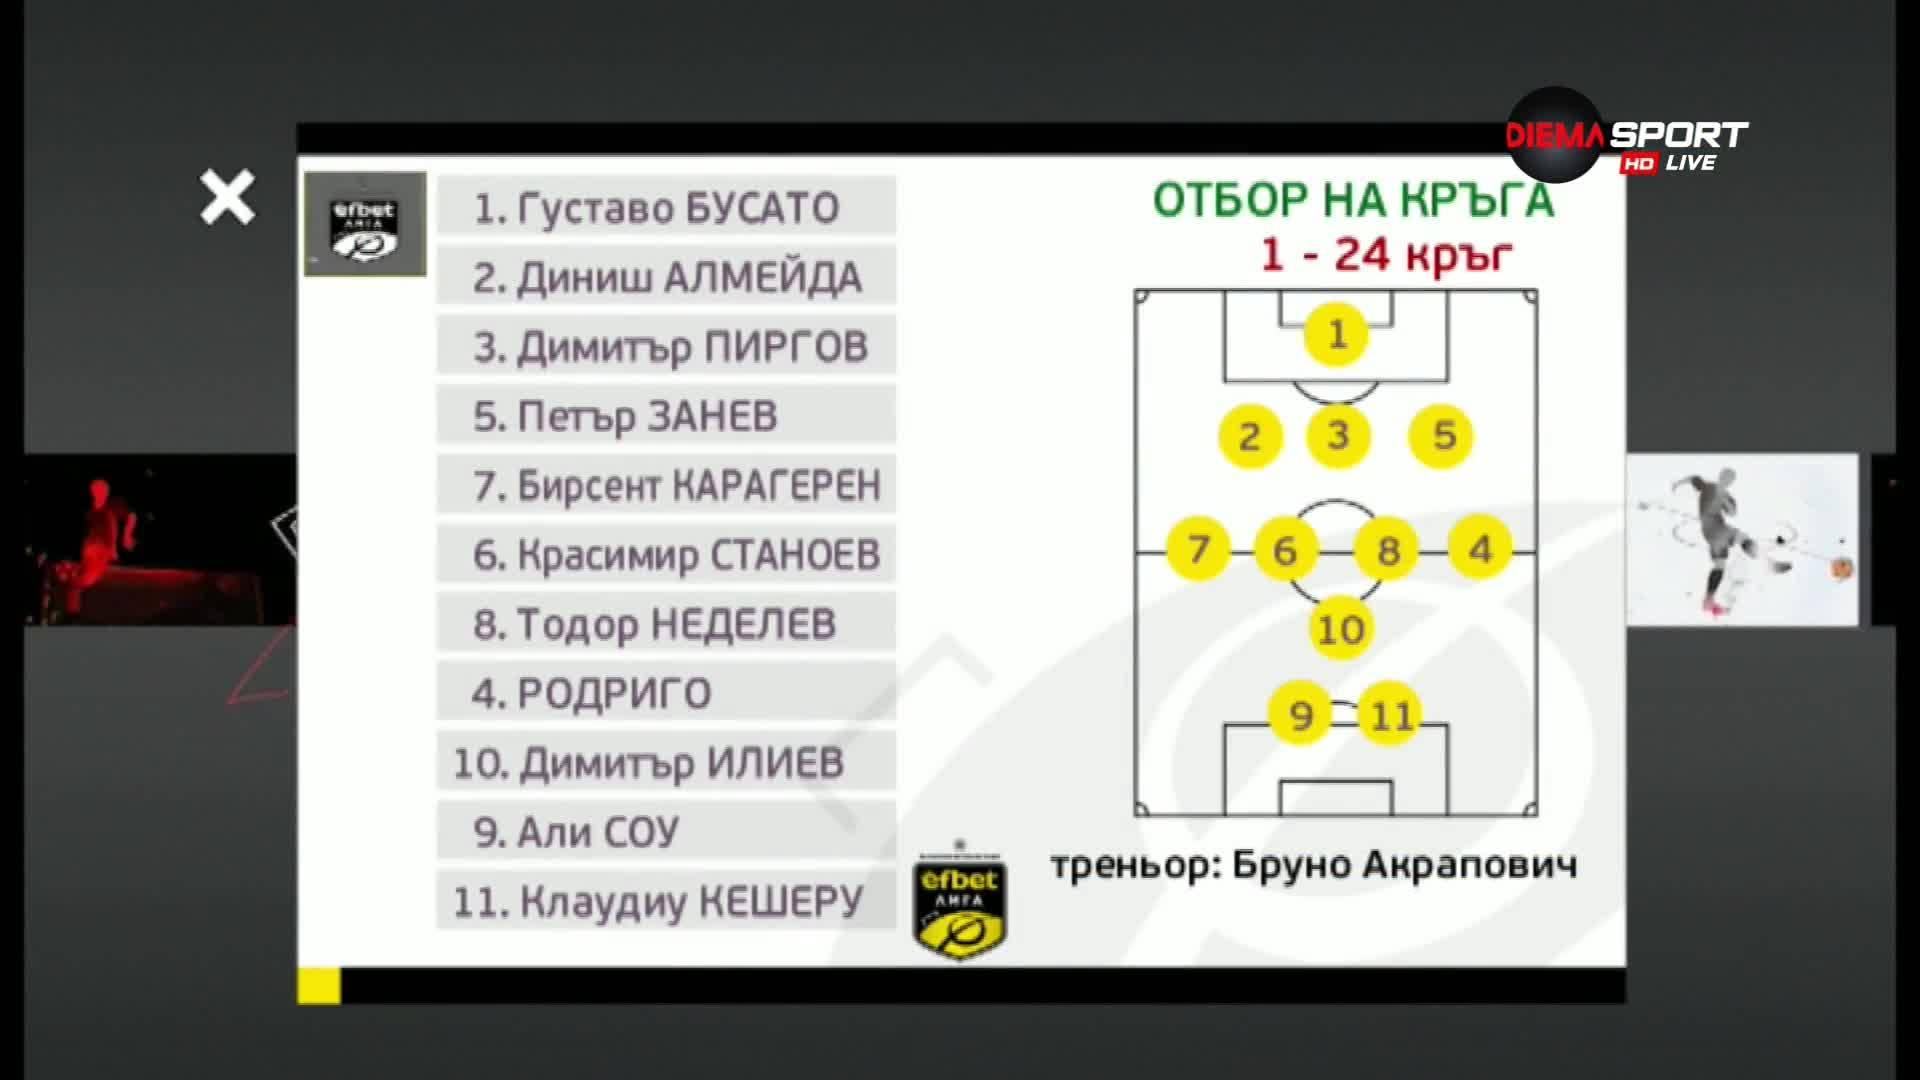 Вижте идеалния отбор на efbet Лига от началото на сезона